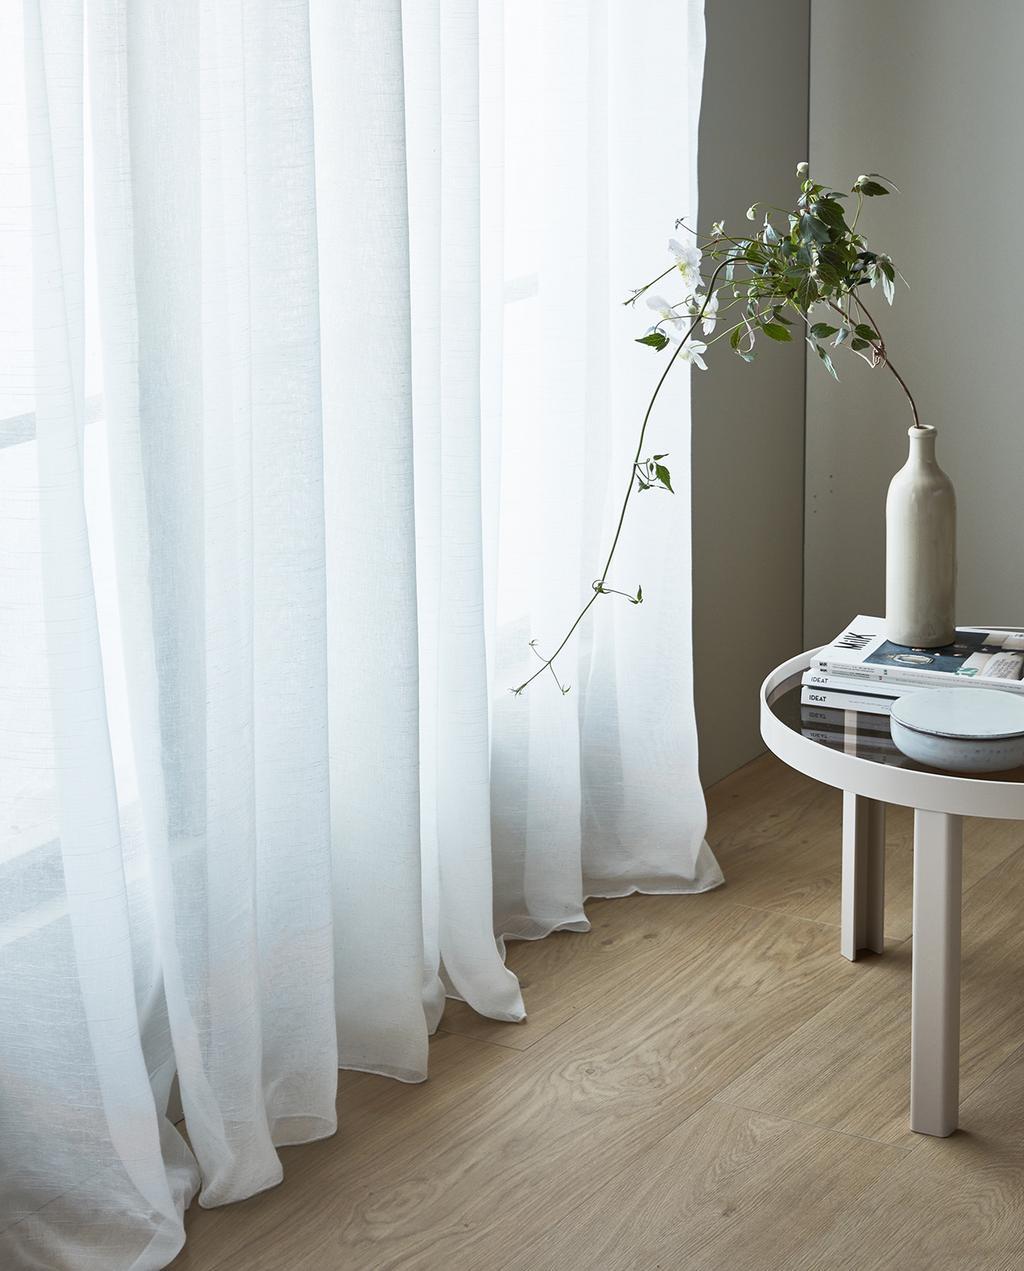 vtwonen 07-2021 | witte gordijnen met een vaas op de bijzettafel en vtwonen vloer I nieuwe gordijnen